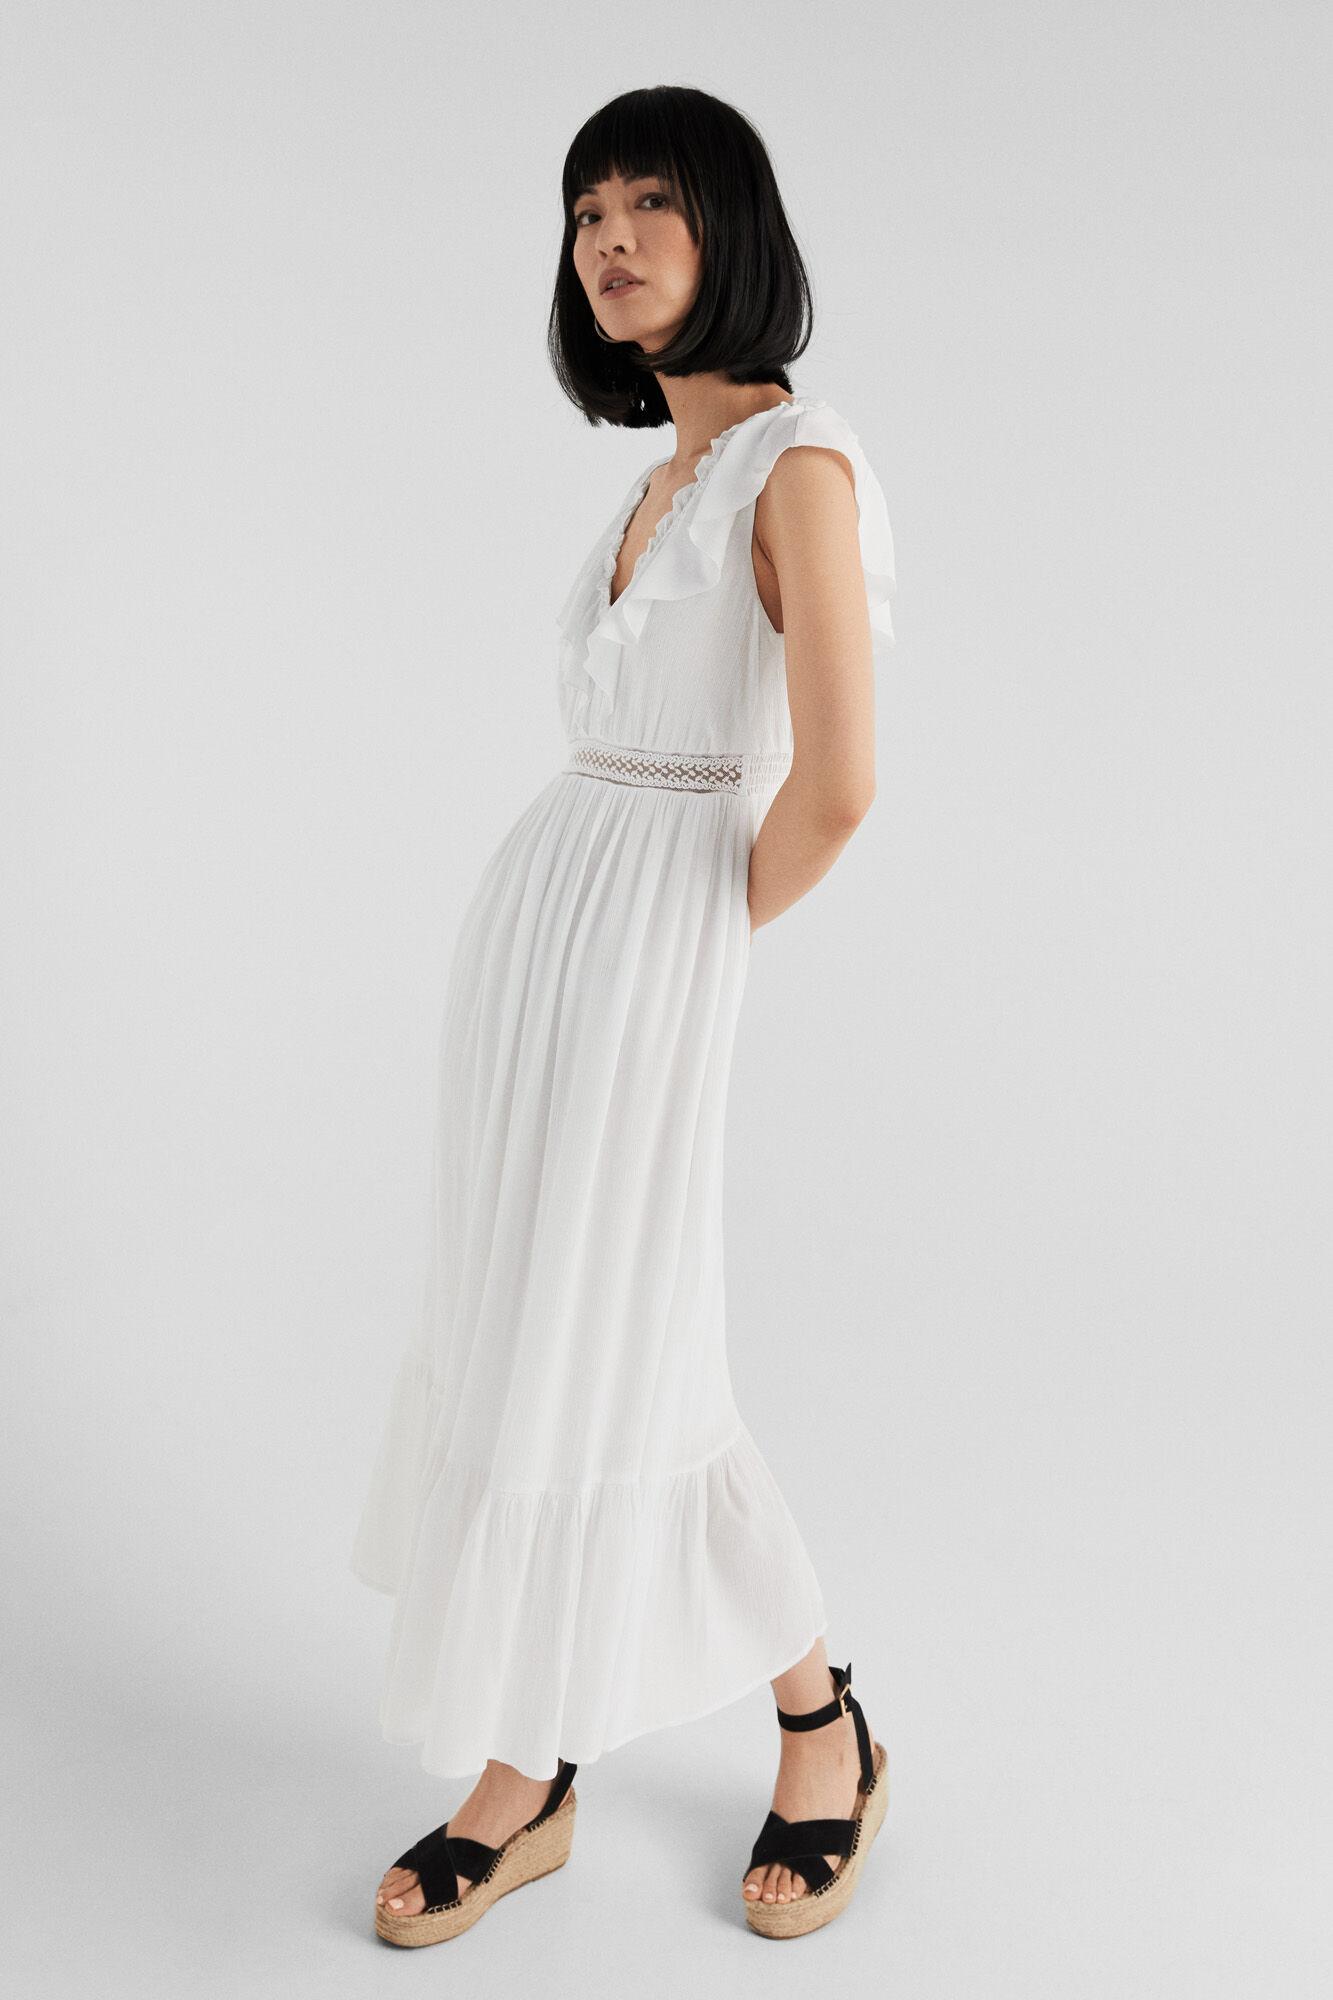 Springfield mujer vestidos largos